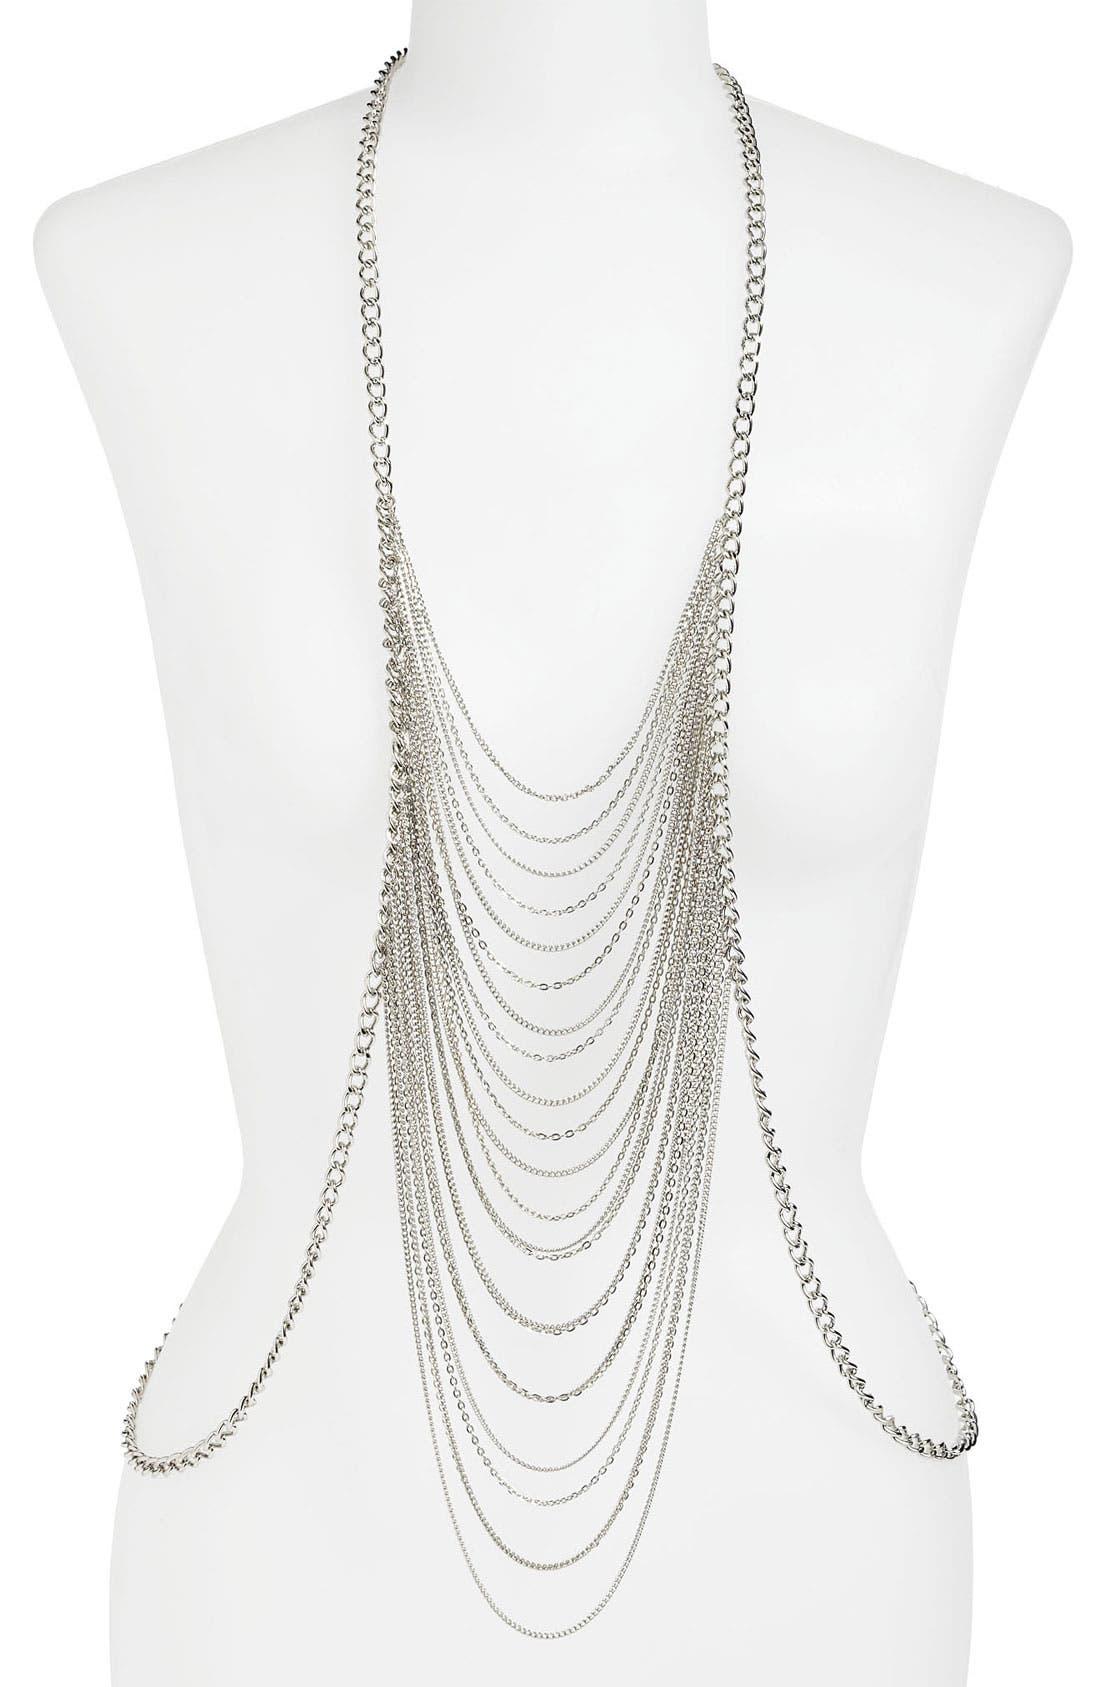 Main Image - BP. Layered Body Chain